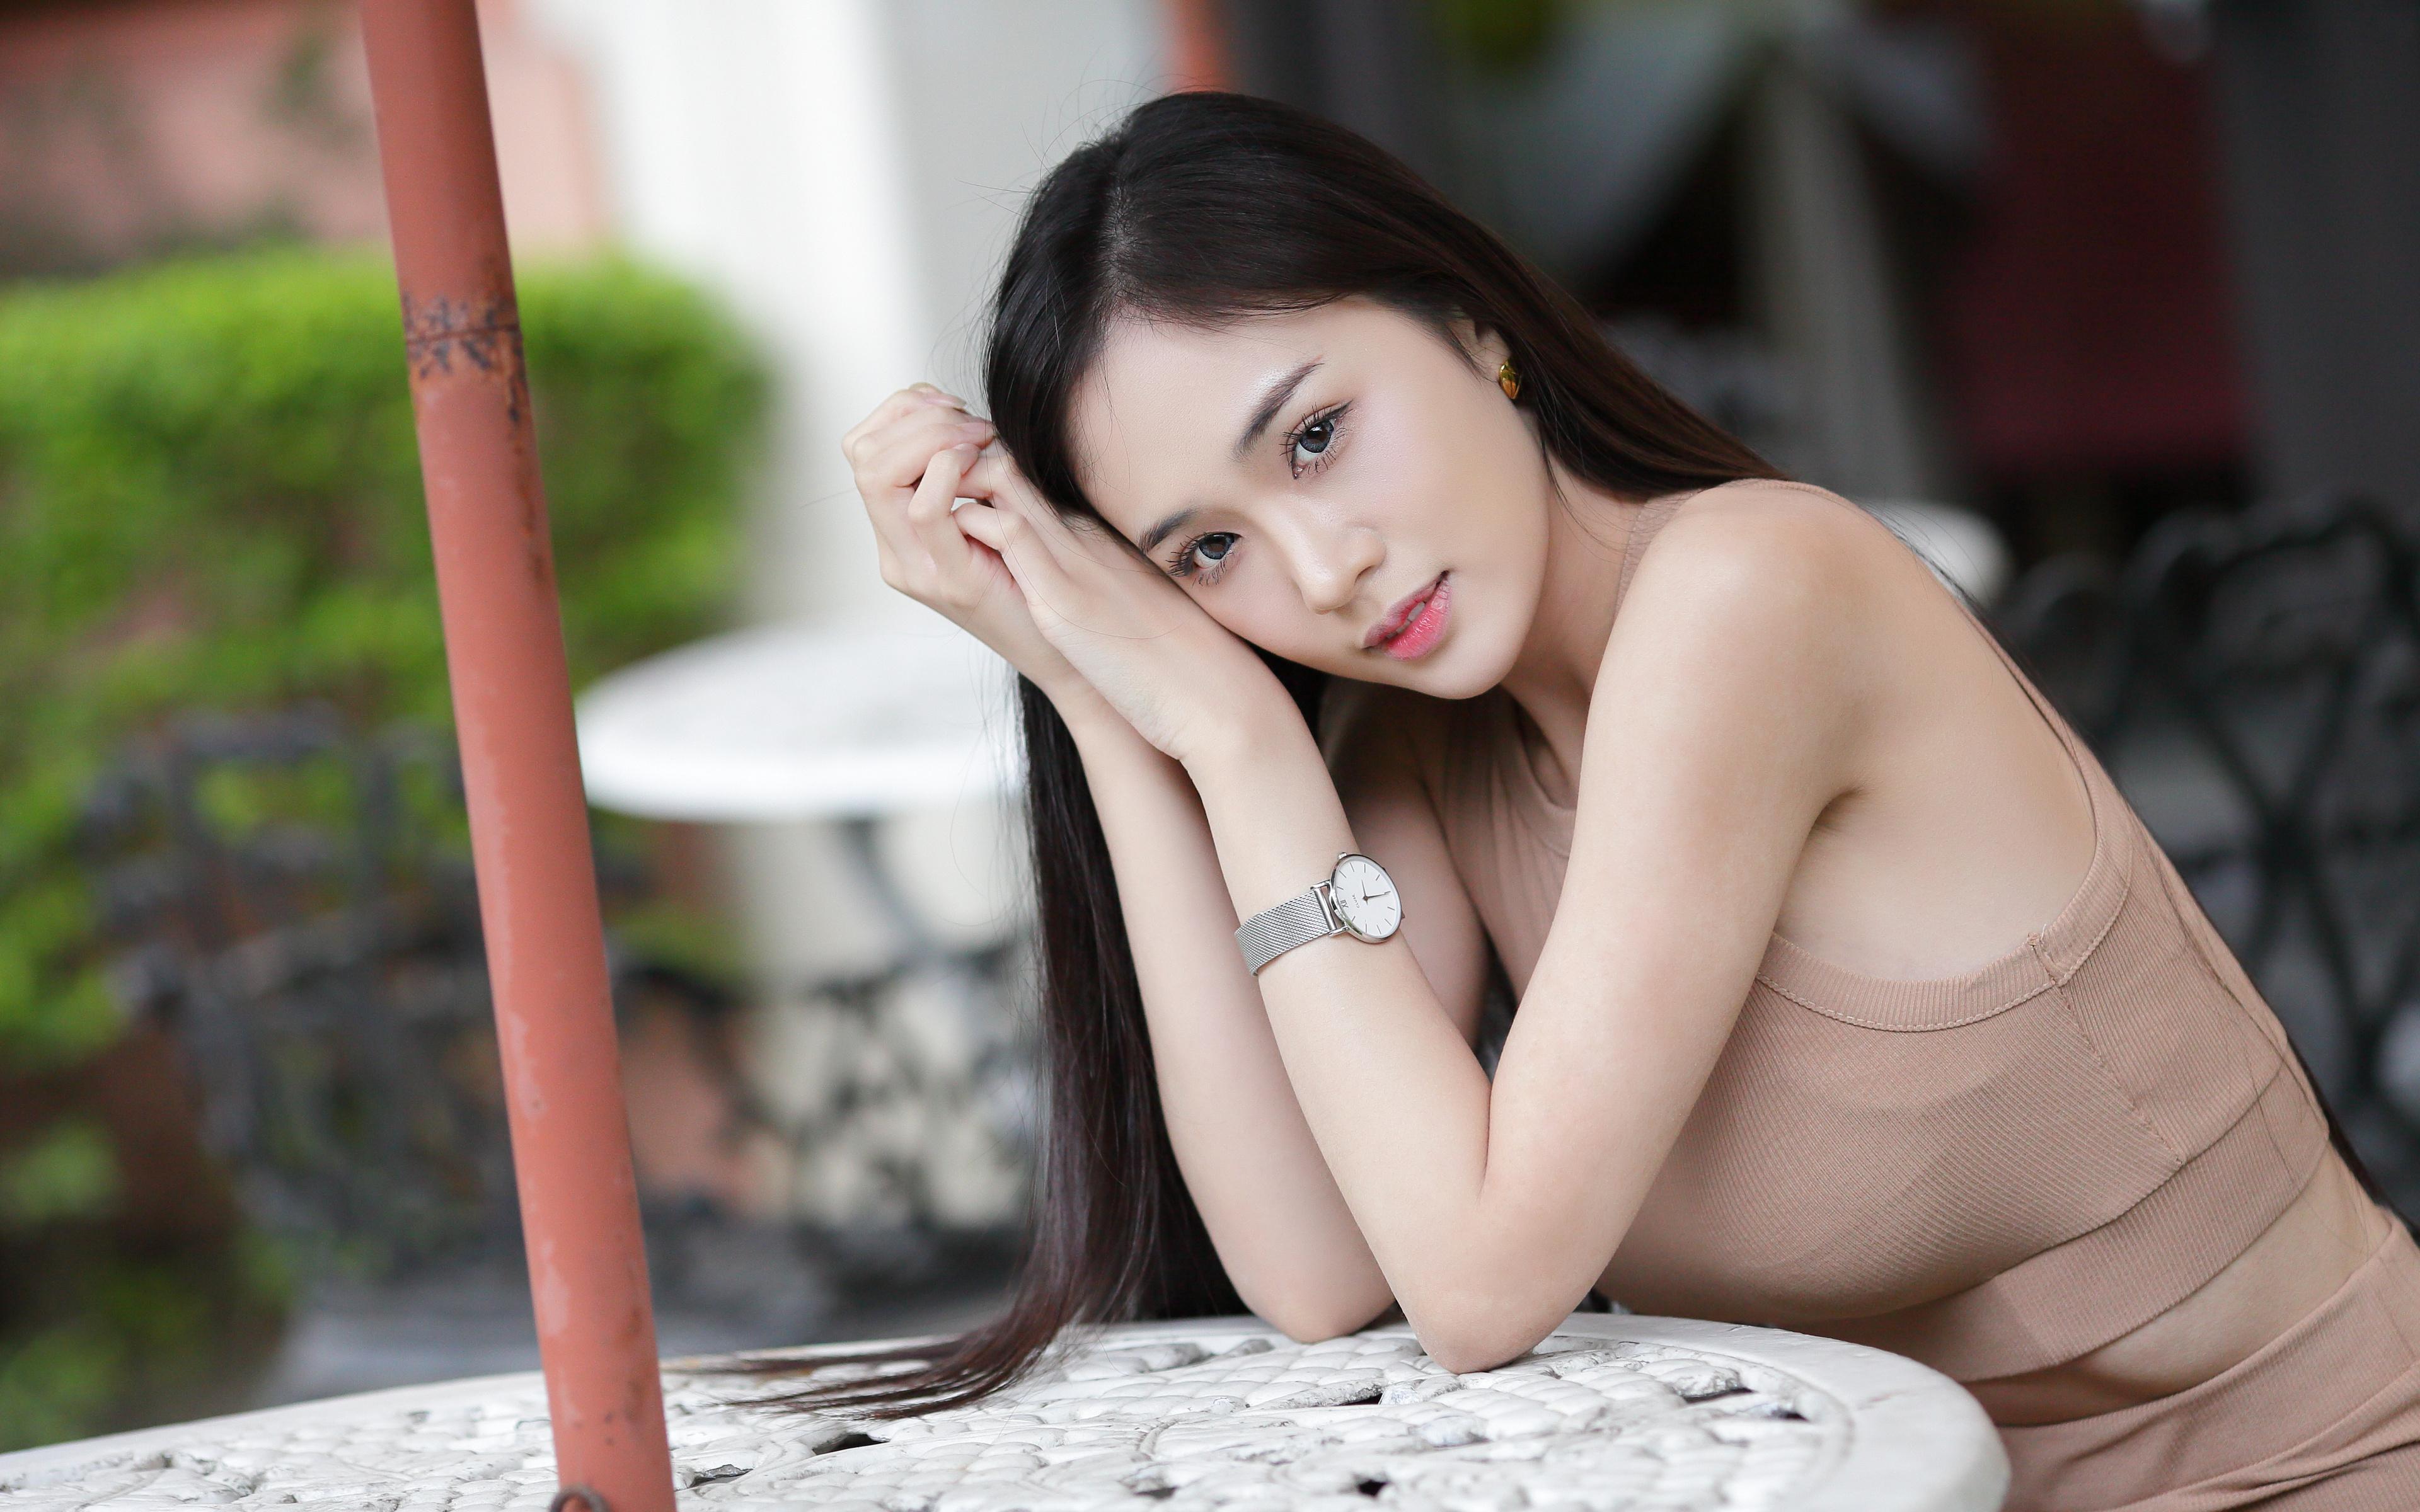 Bilder Brünette Bokeh Mädchens Asiatische Hand Blick 3840x2400 unscharfer Hintergrund junge frau junge Frauen Asiaten asiatisches Starren